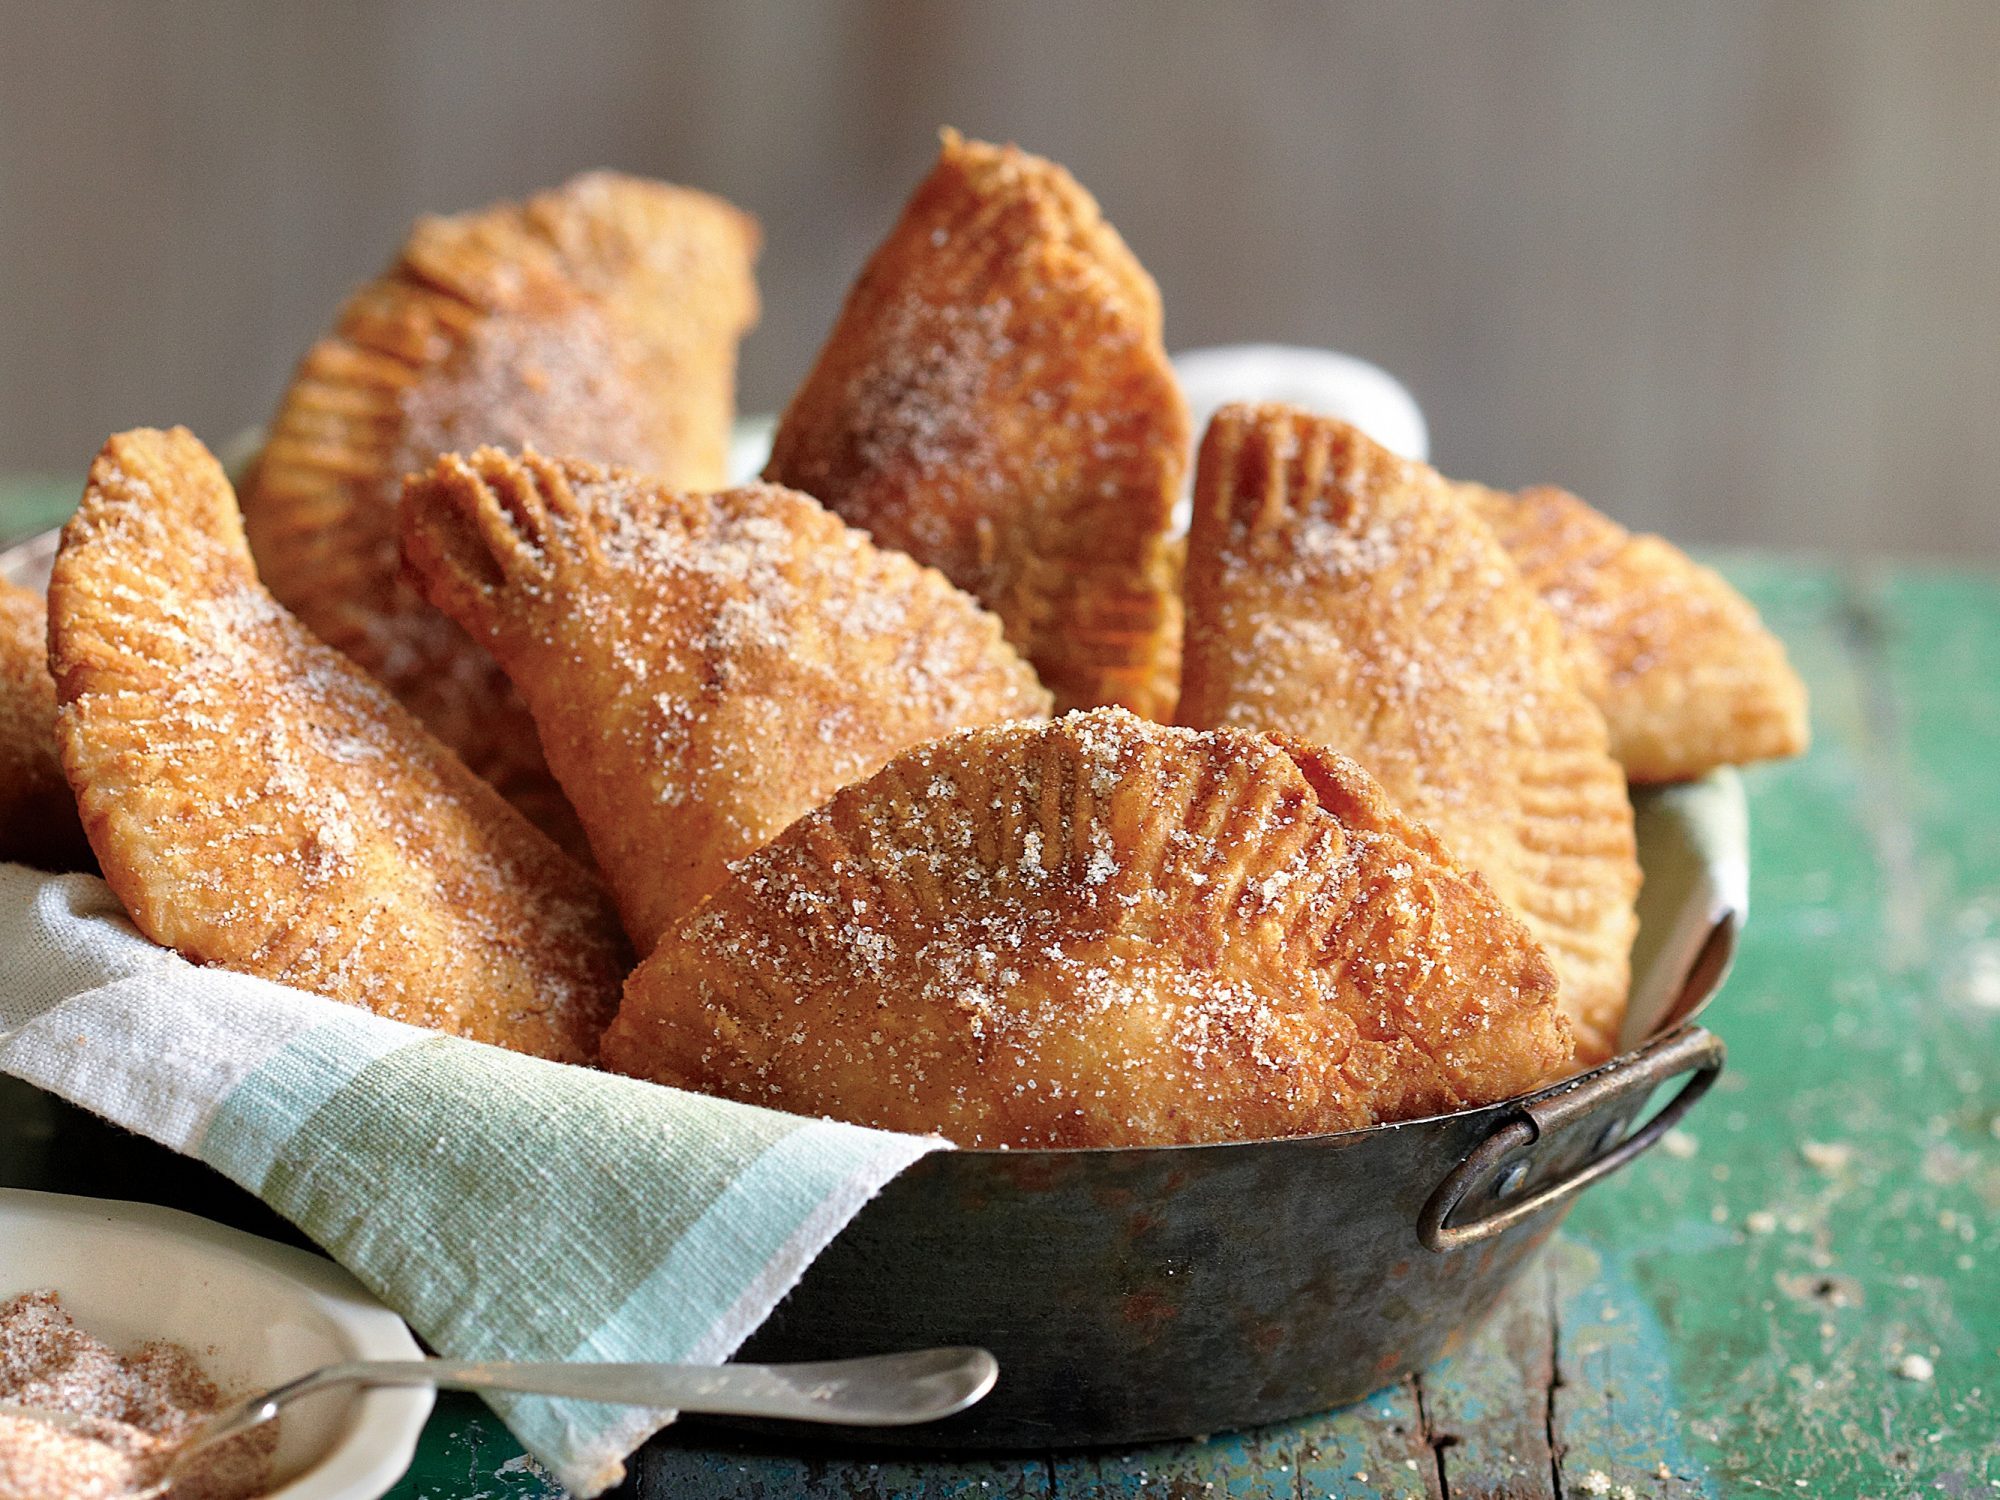 fried-apple-pies-sl-crop.jpg